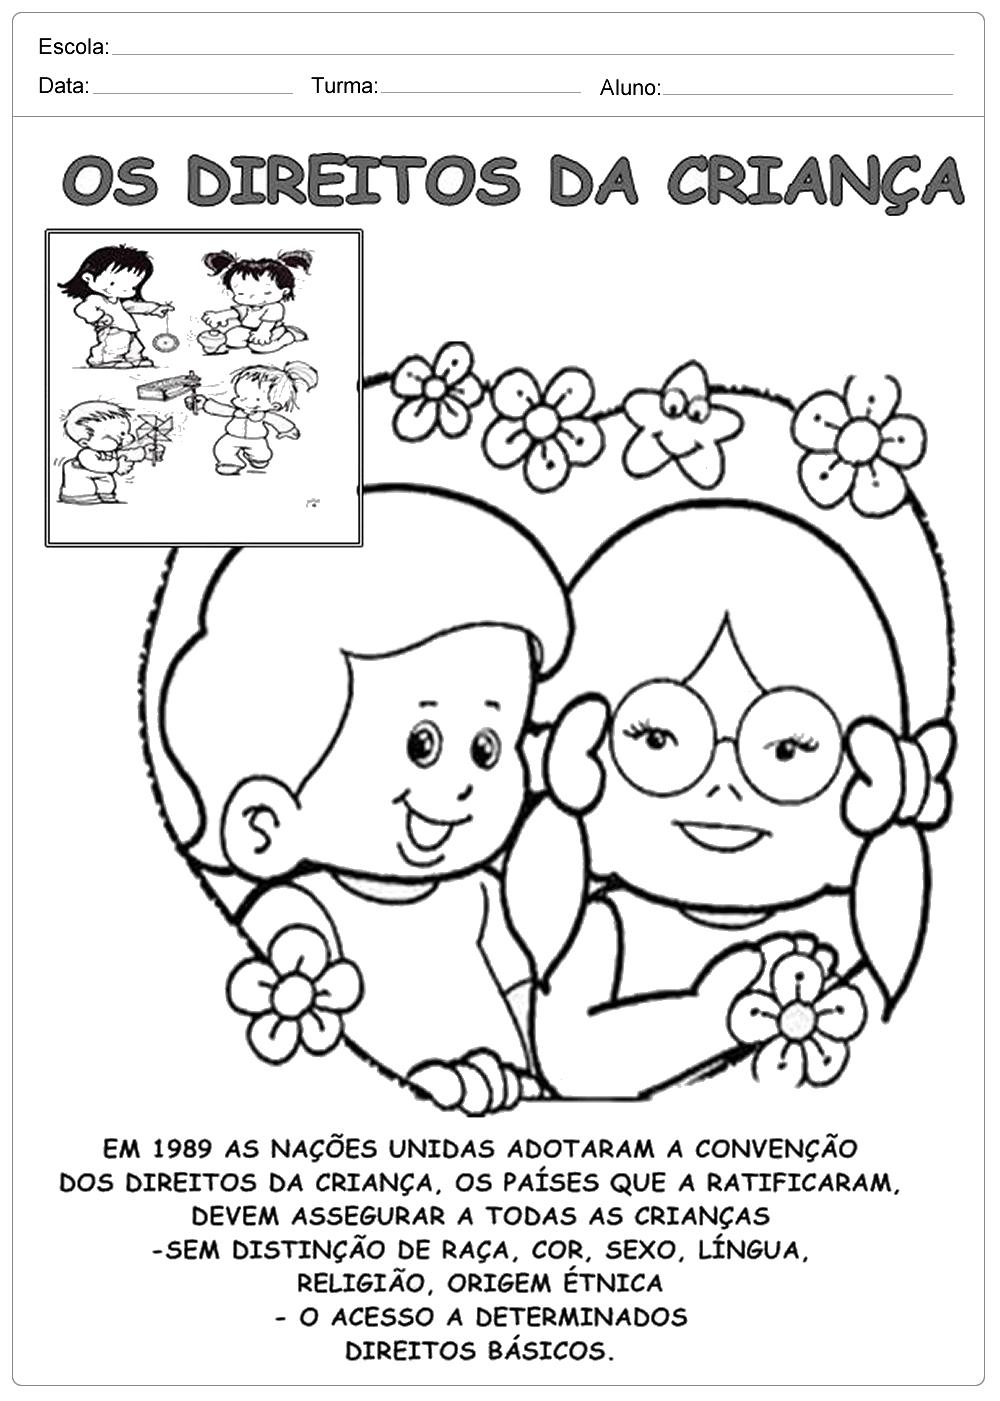 Atividades Direito das Crianças: Texto sobre o Direito das Crianças.